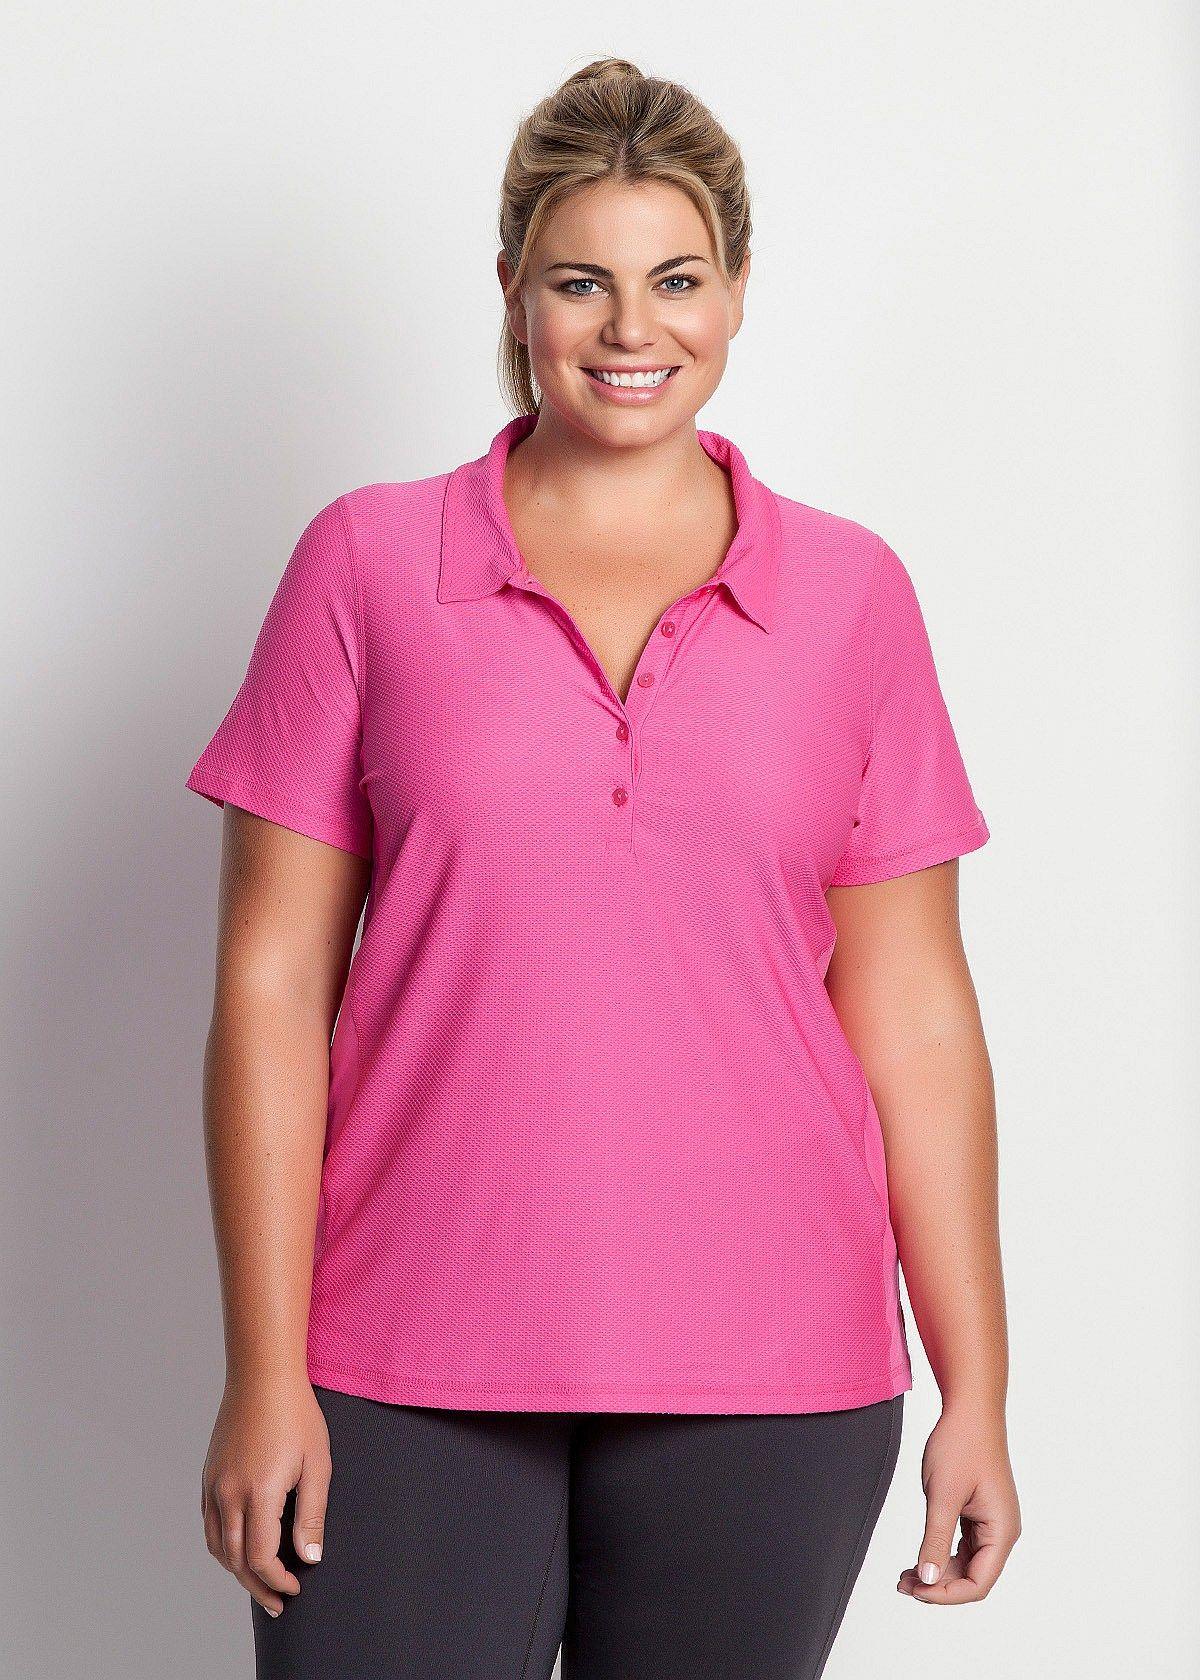 ladies plus size polo shirts australia buy clothes shoes online